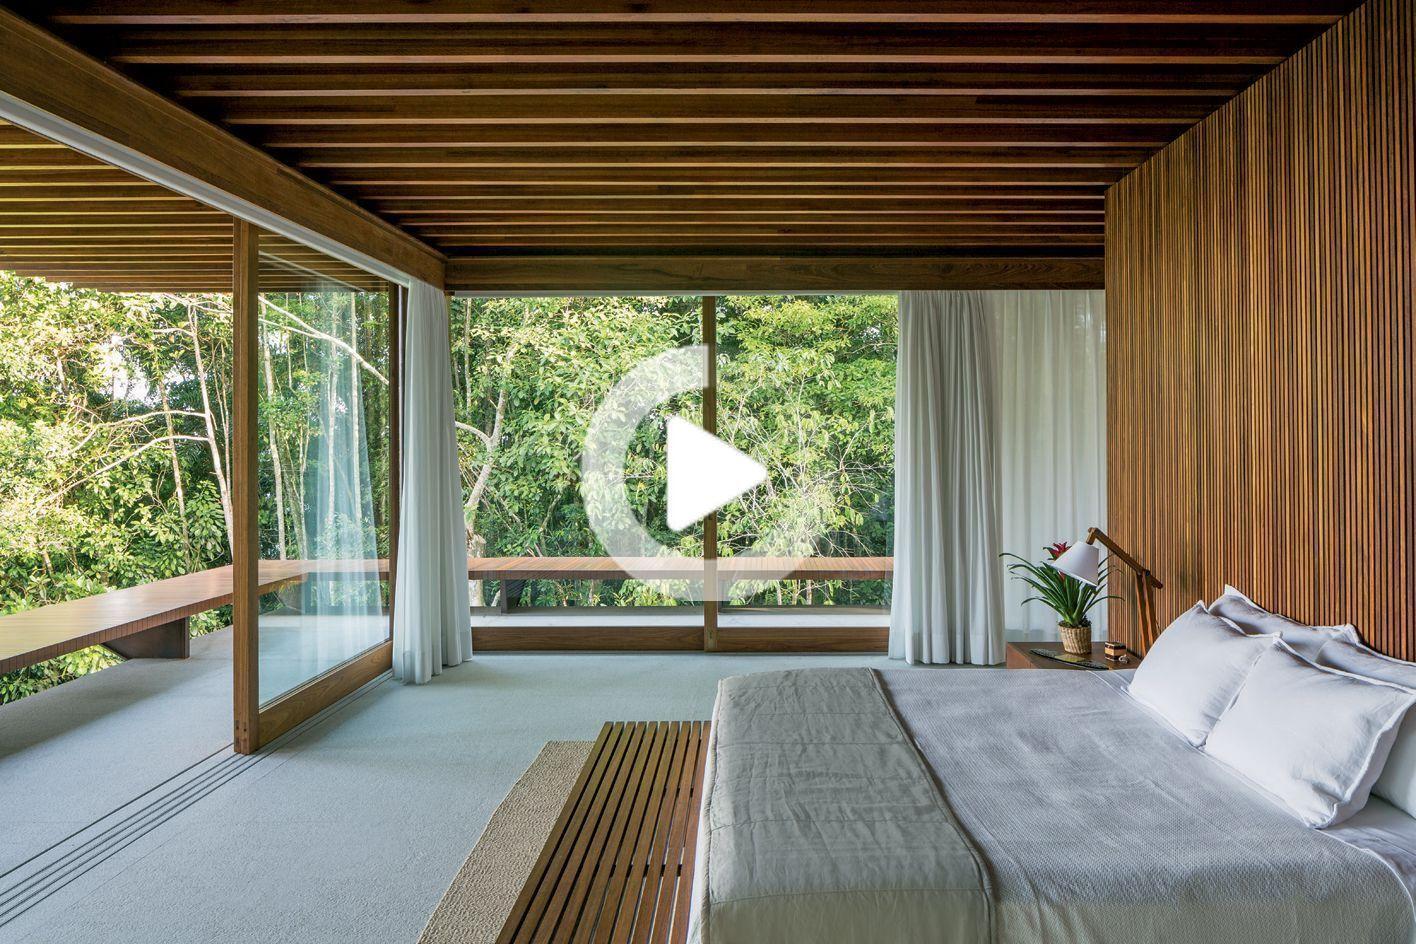 Haut Et Sec Une Maison De Plage Bresilienne Maximise La Vie Interieure Exterieure Maison Maison Moderne Chambres A Coucher Style Cotier